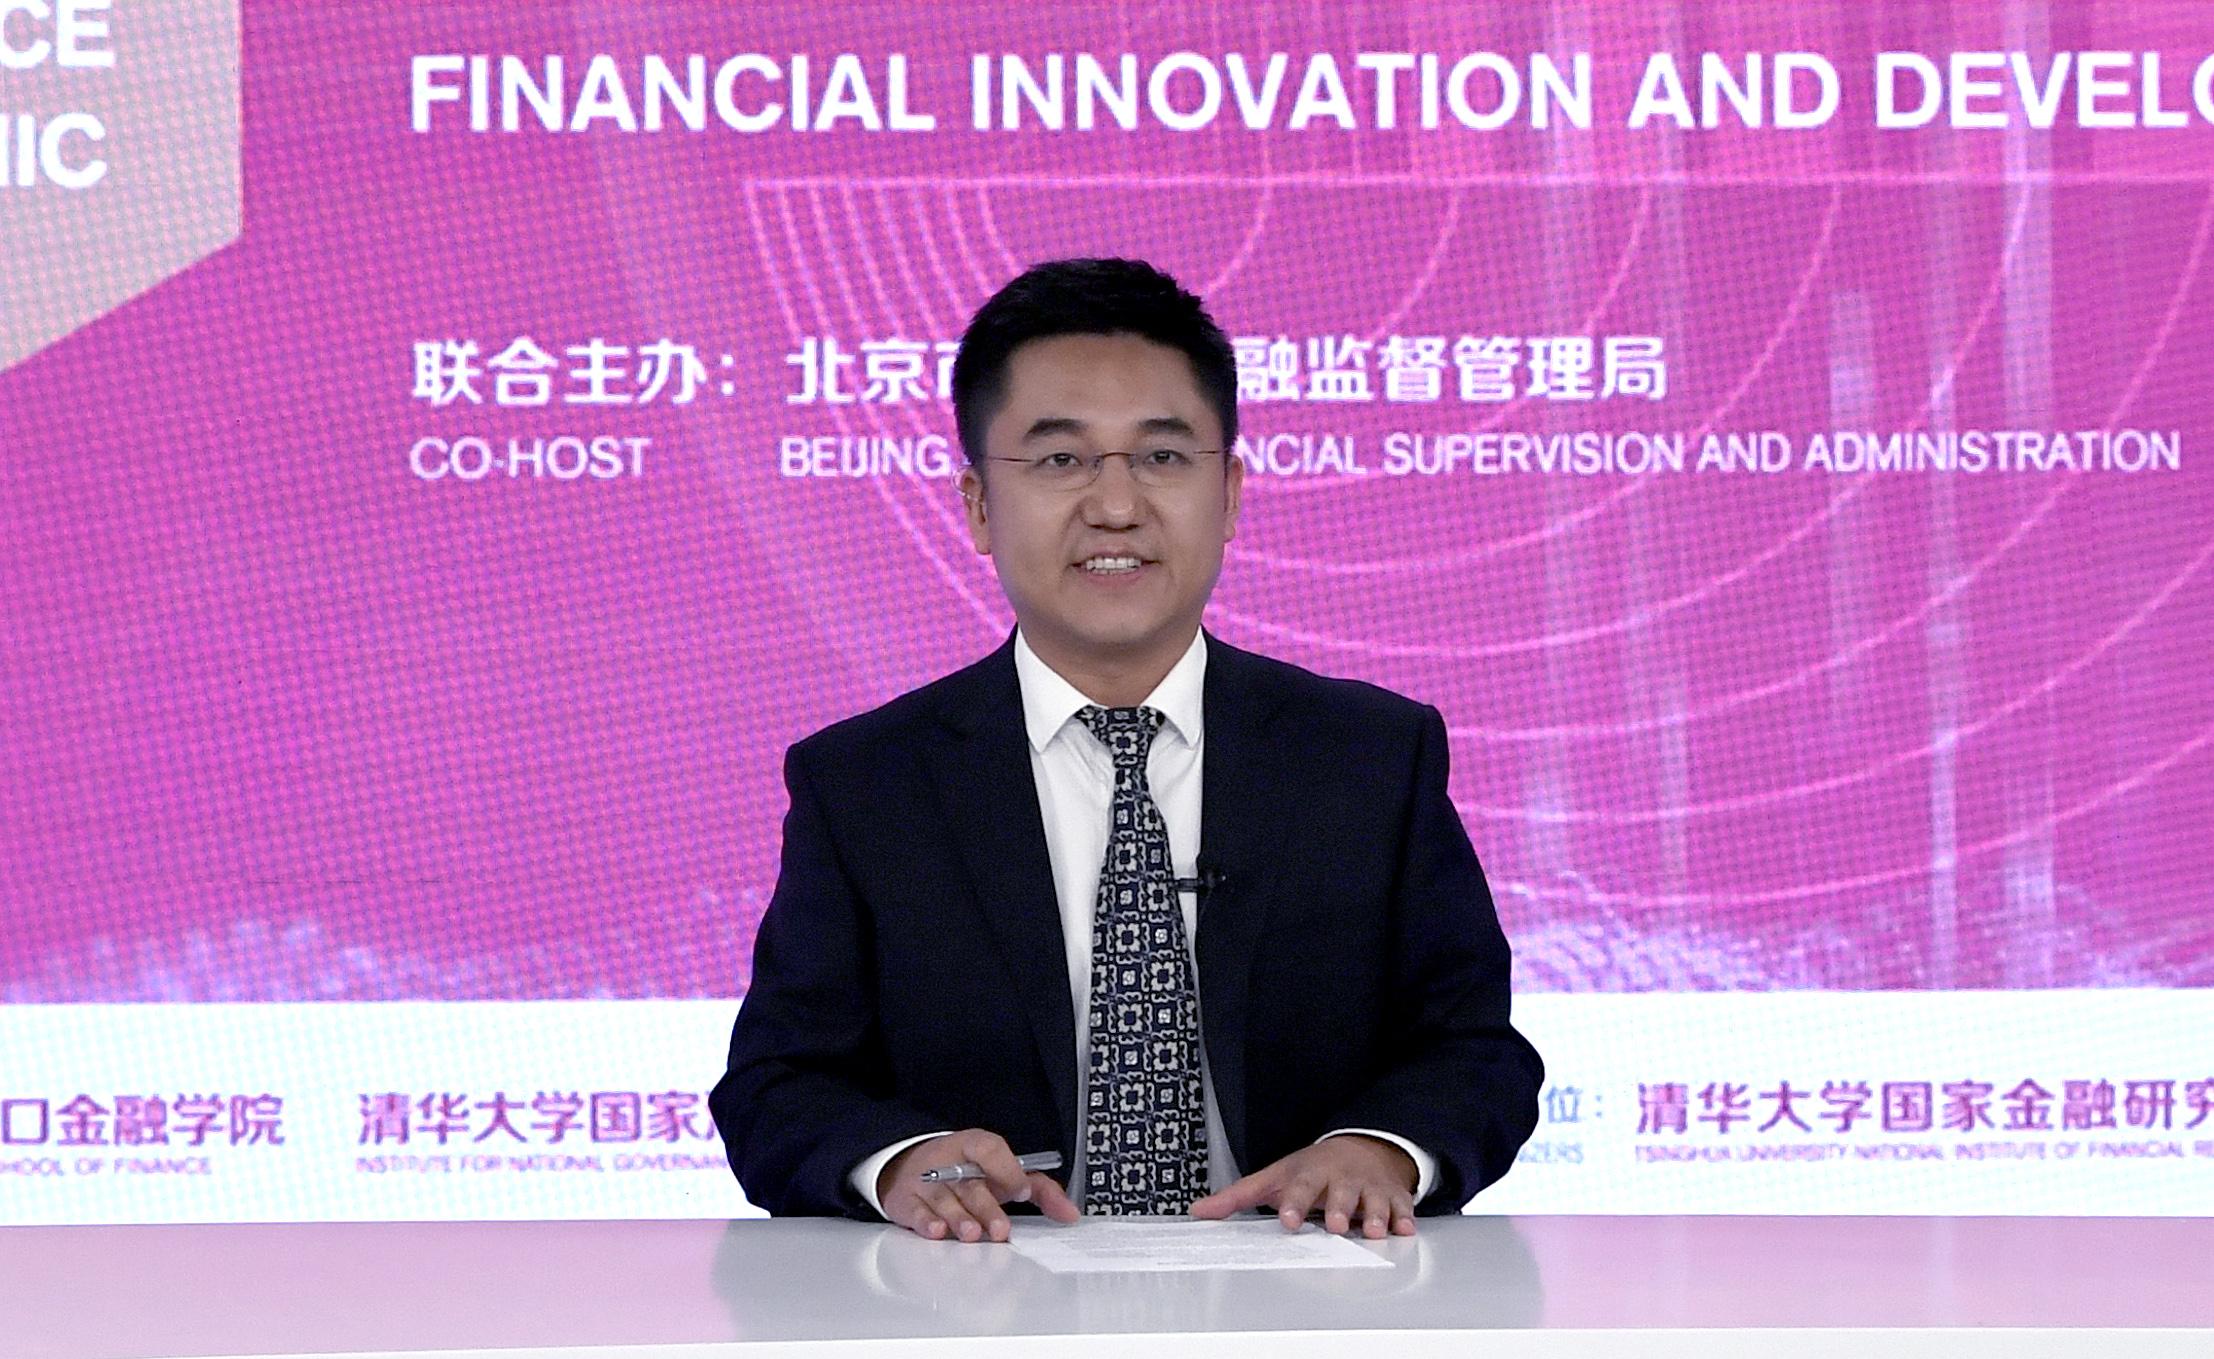 【中国财富报道】薛正华:期待新技术规避数据的隐私问题